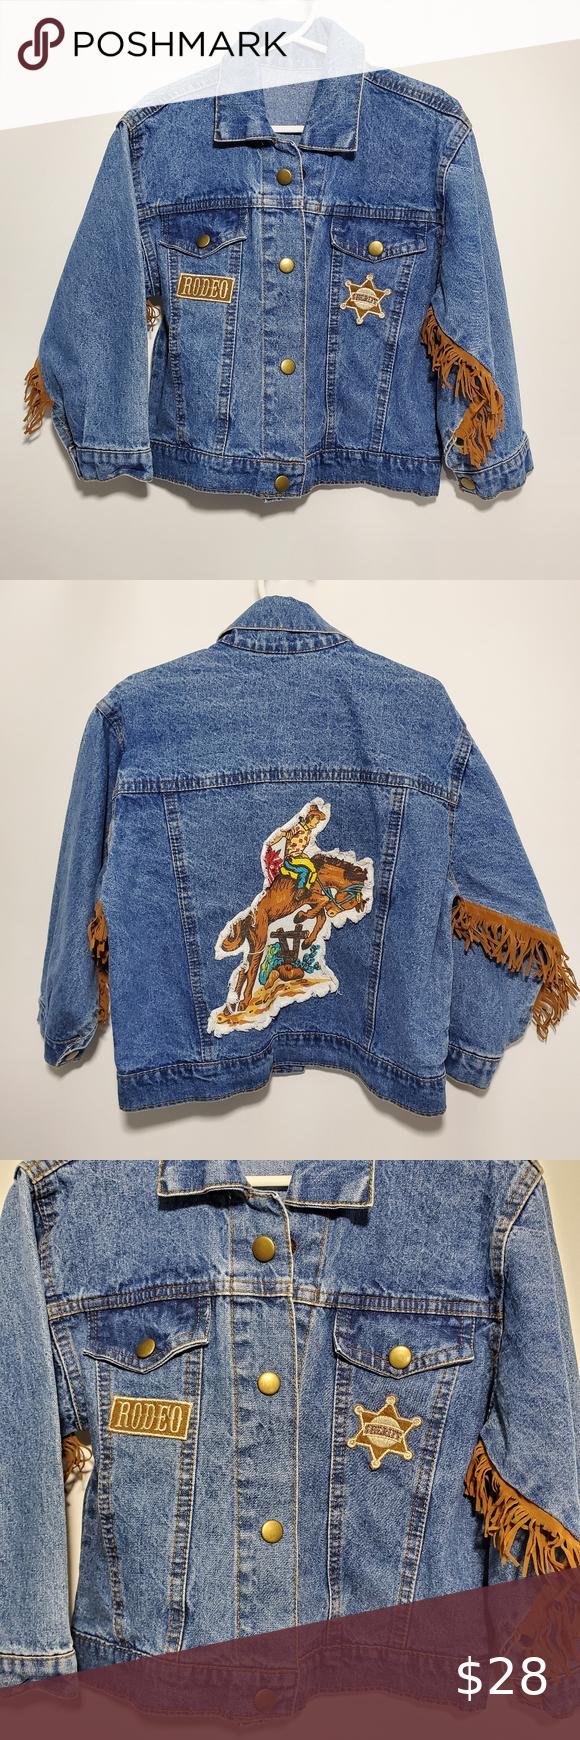 Nyc Boyz Cowboy Jean Jacket 6 Jackets Clothes Design Jean Jacket [ 1740 x 580 Pixel ]